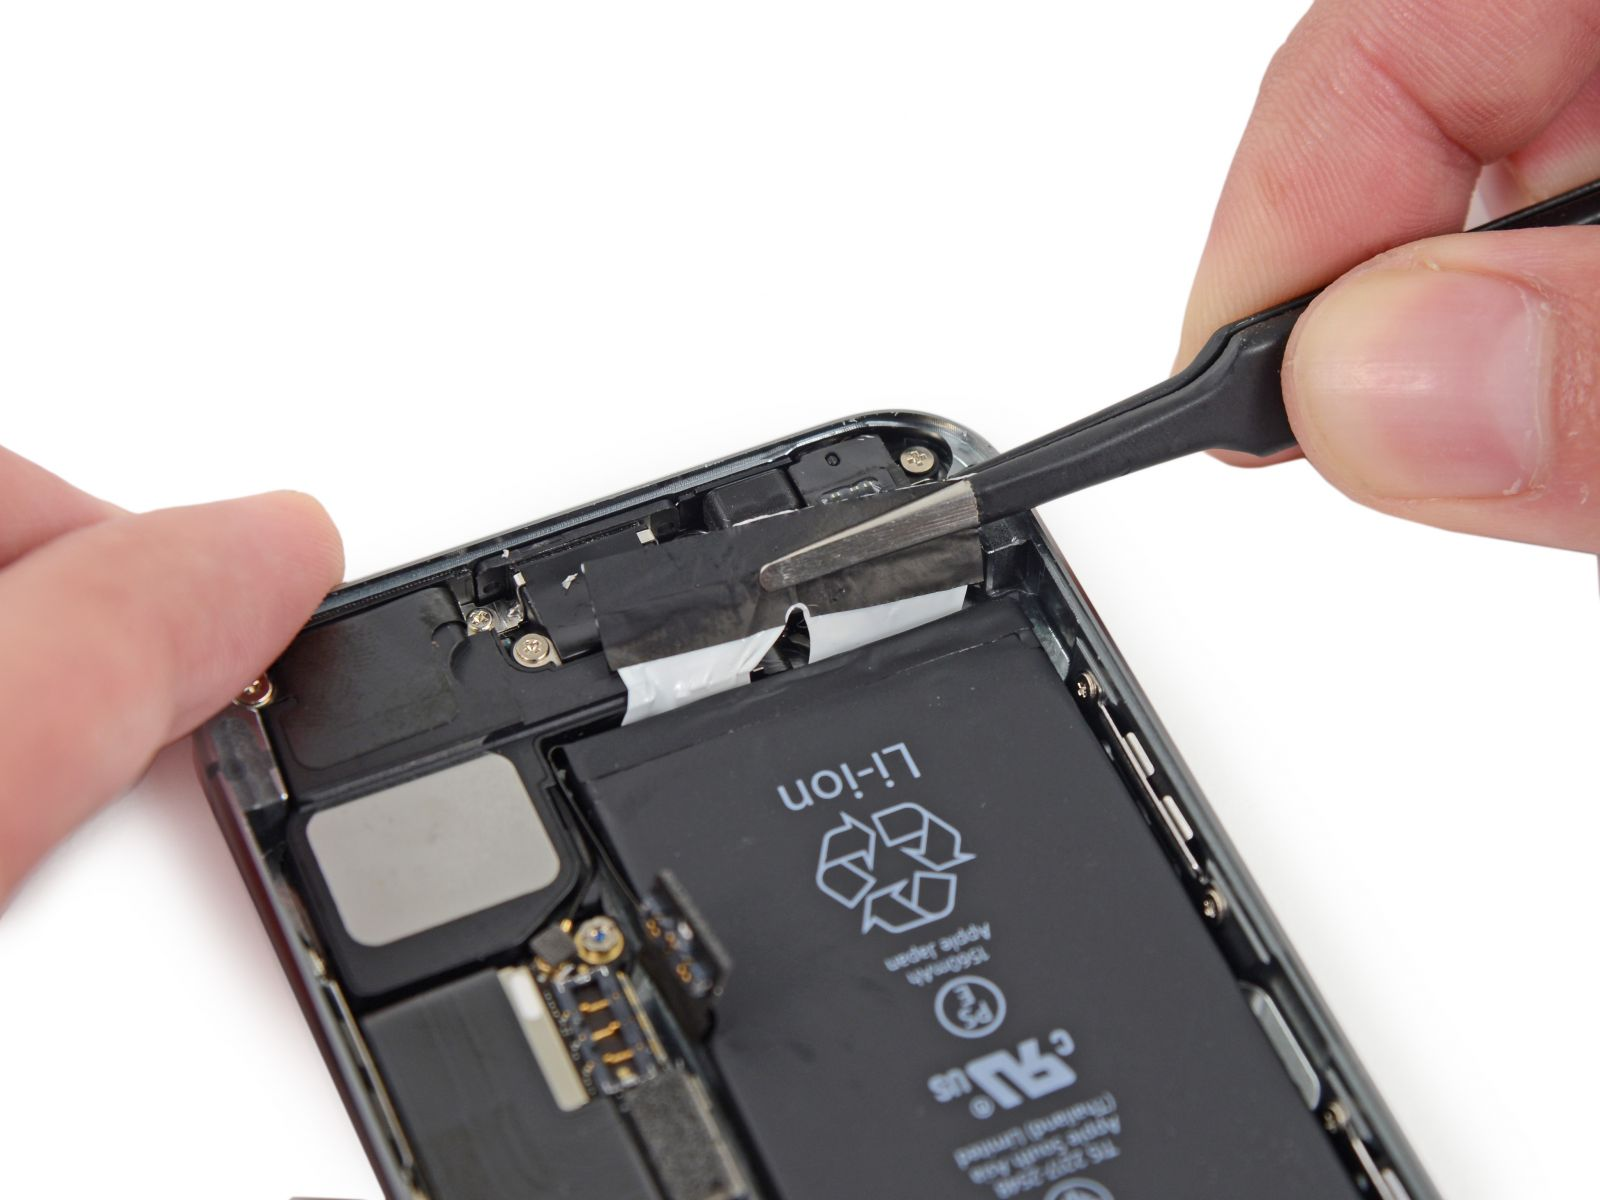 Замета аккумулятора на iPhone 5S * Блогофолио Романа Паулова